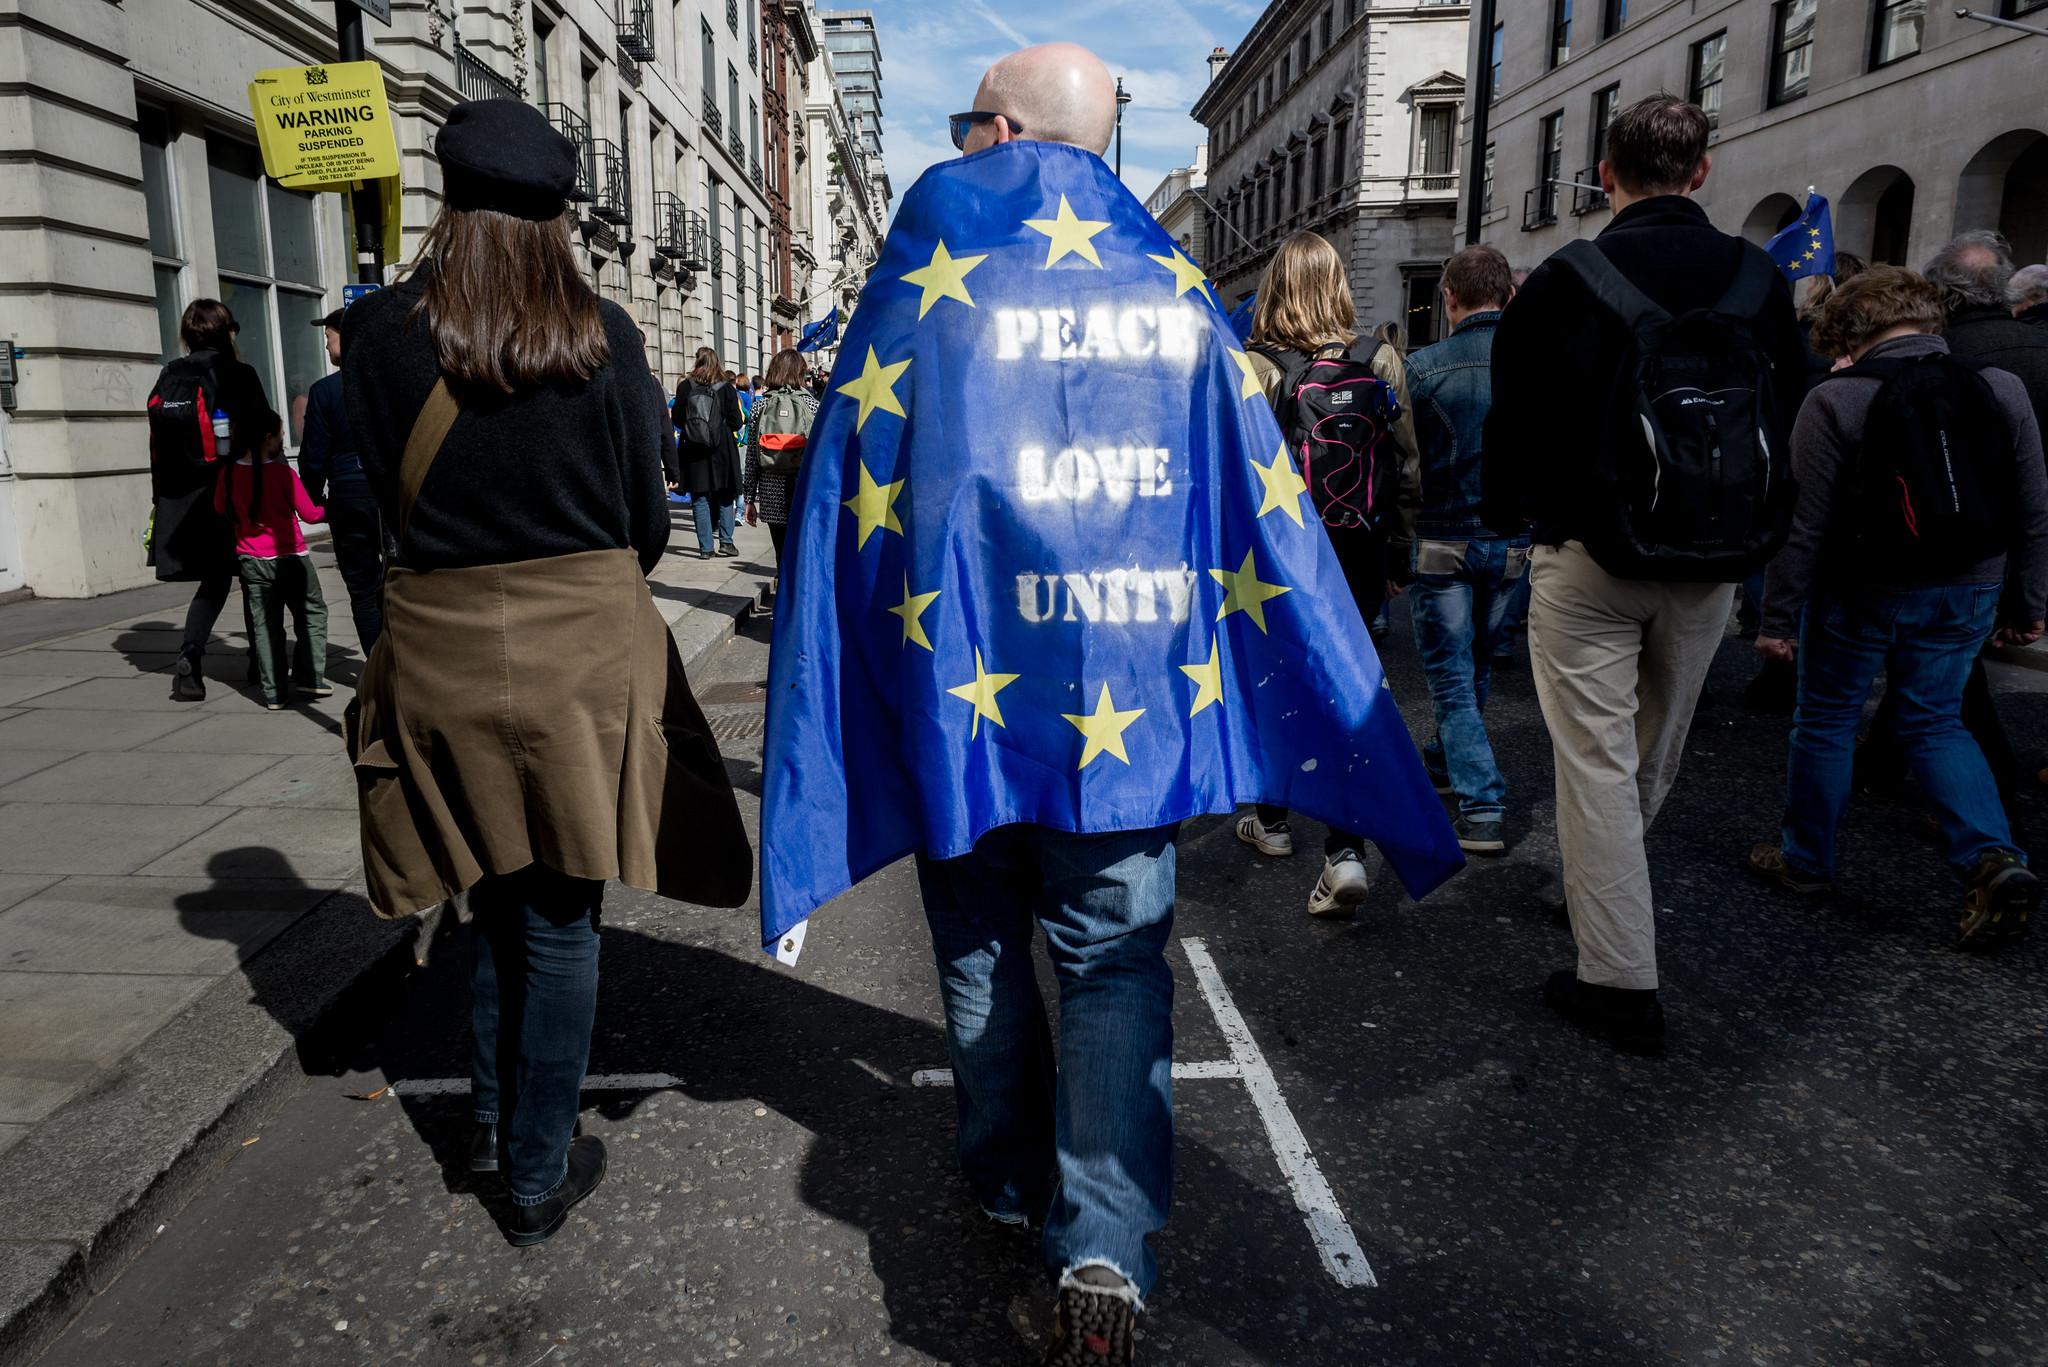 Część Brytyjczyków nadal uważa, że brexit nie był najszczęśliwszym z możliwych kursów, jakie mogła wybrać ich ojczyzna (fot. Ed Everett/flickr.com/CC BY 2.0)